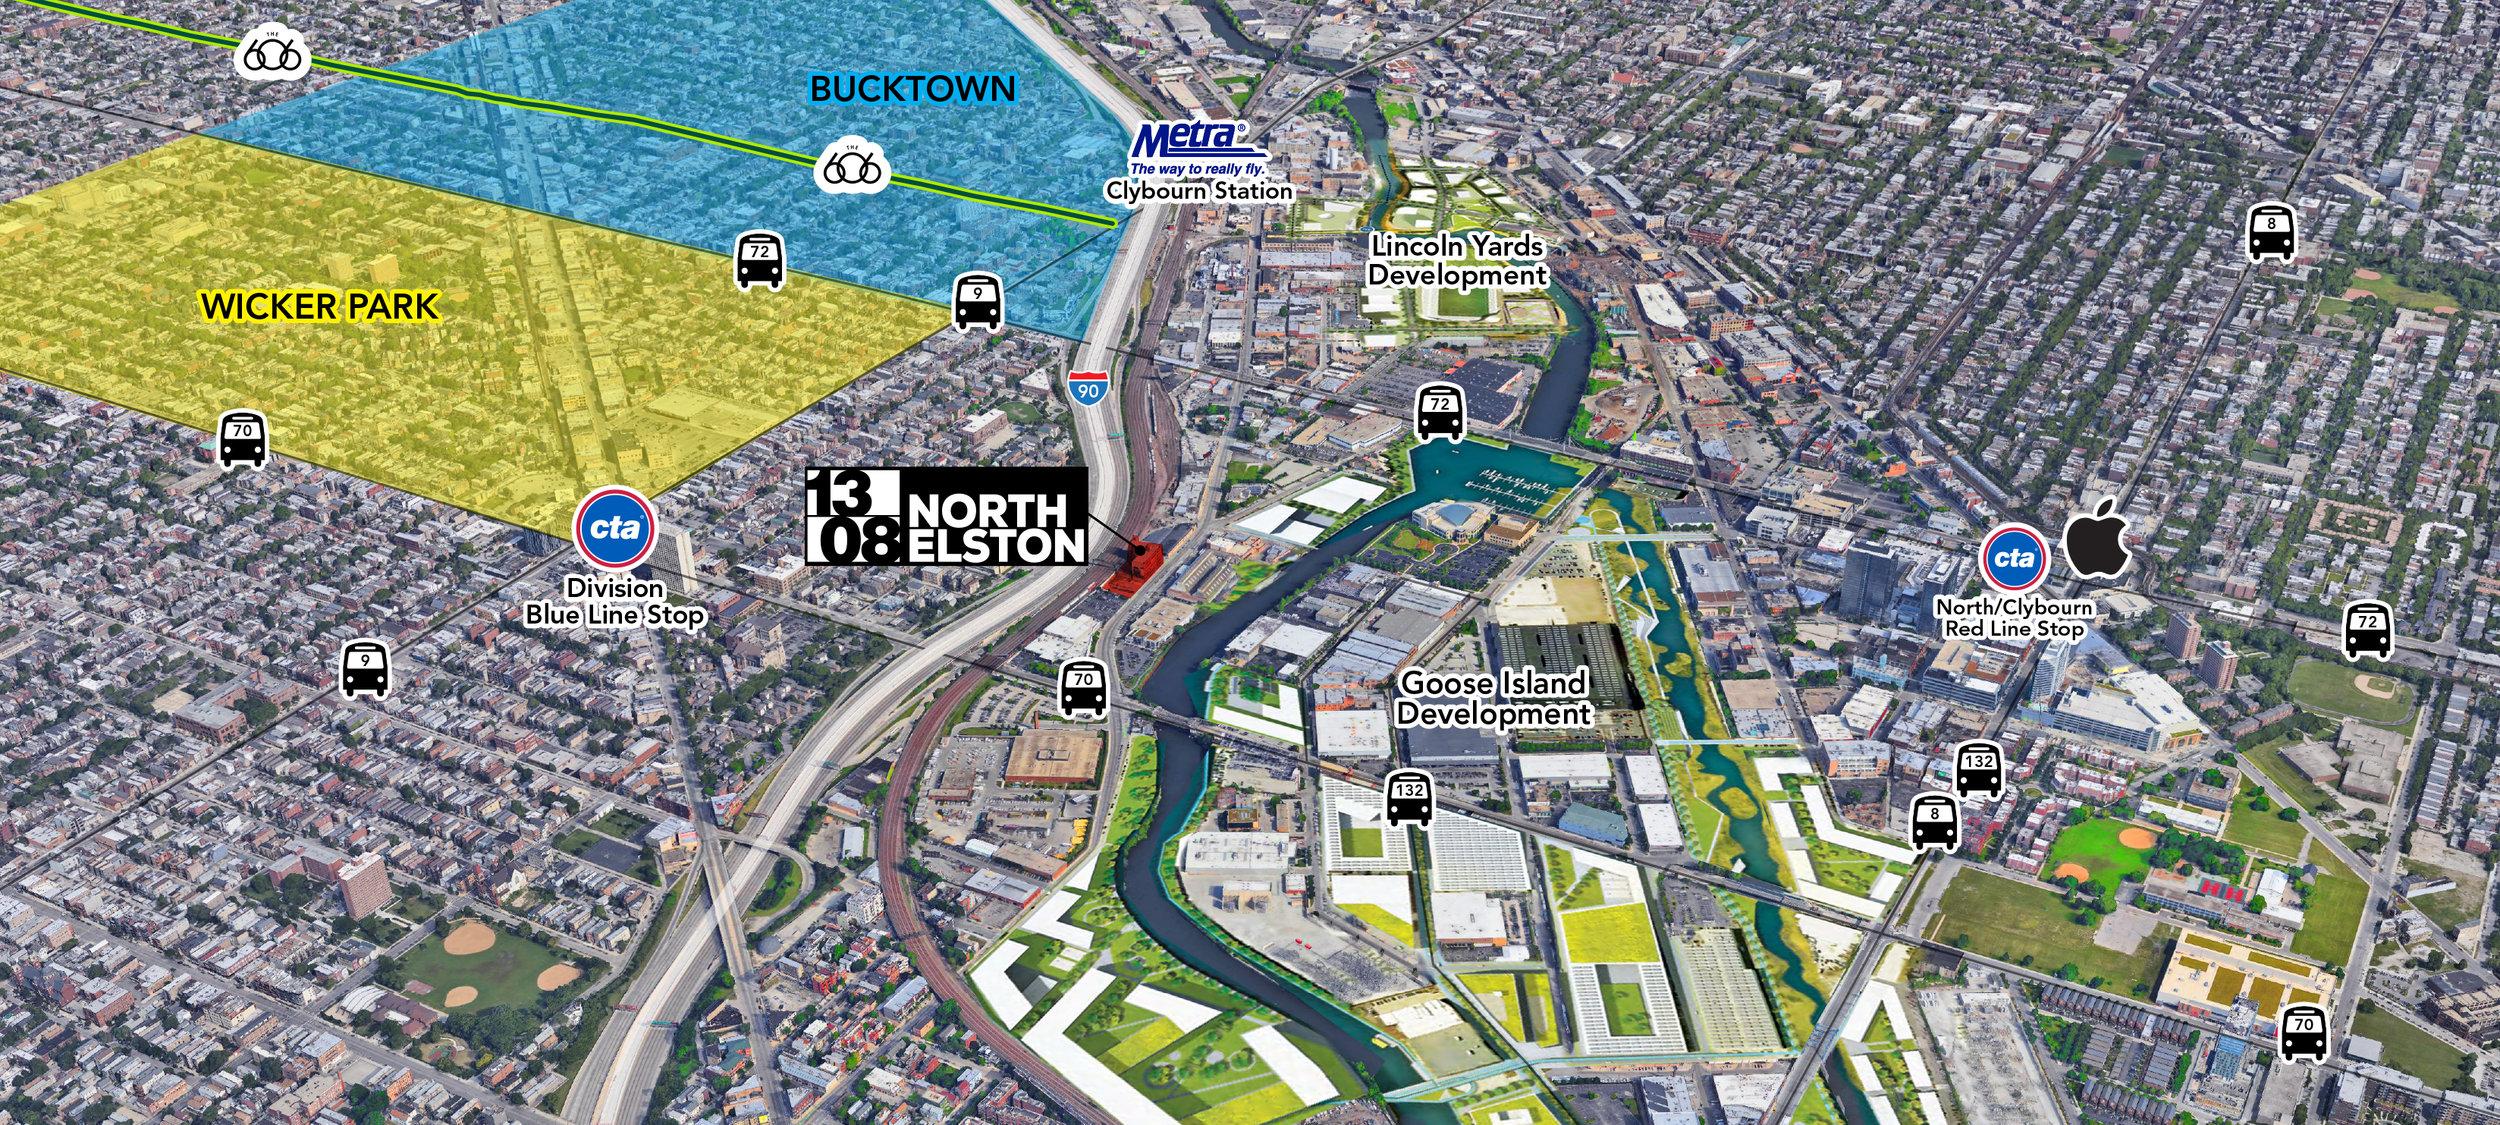 1308 N Elston Map.jpg